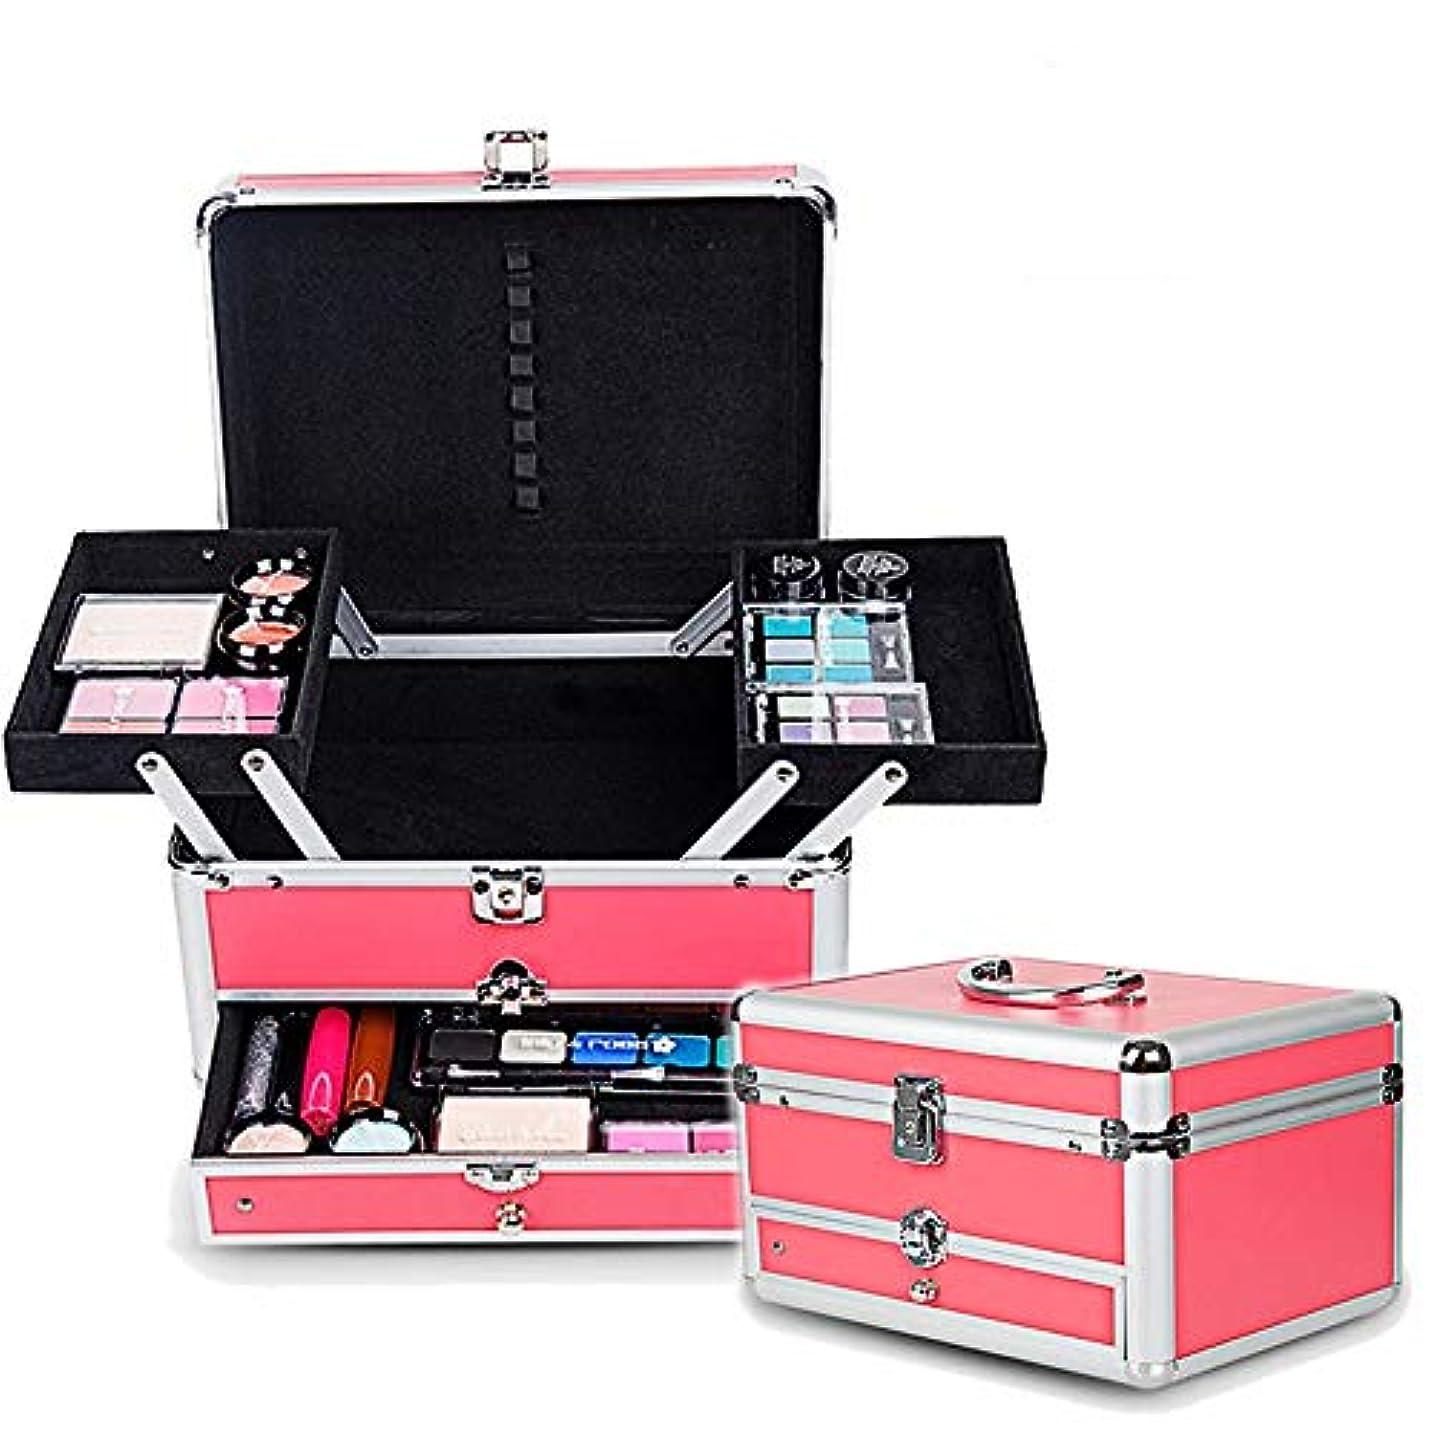 噴火何もないクモ化粧オーガナイザーバッグ ポータブルメイクボックスアルミニウムケース美容ボックス超大容量倉庫美容ボックス化粧品バニティケースピンク 化粧品ケース (色 : ピンク)